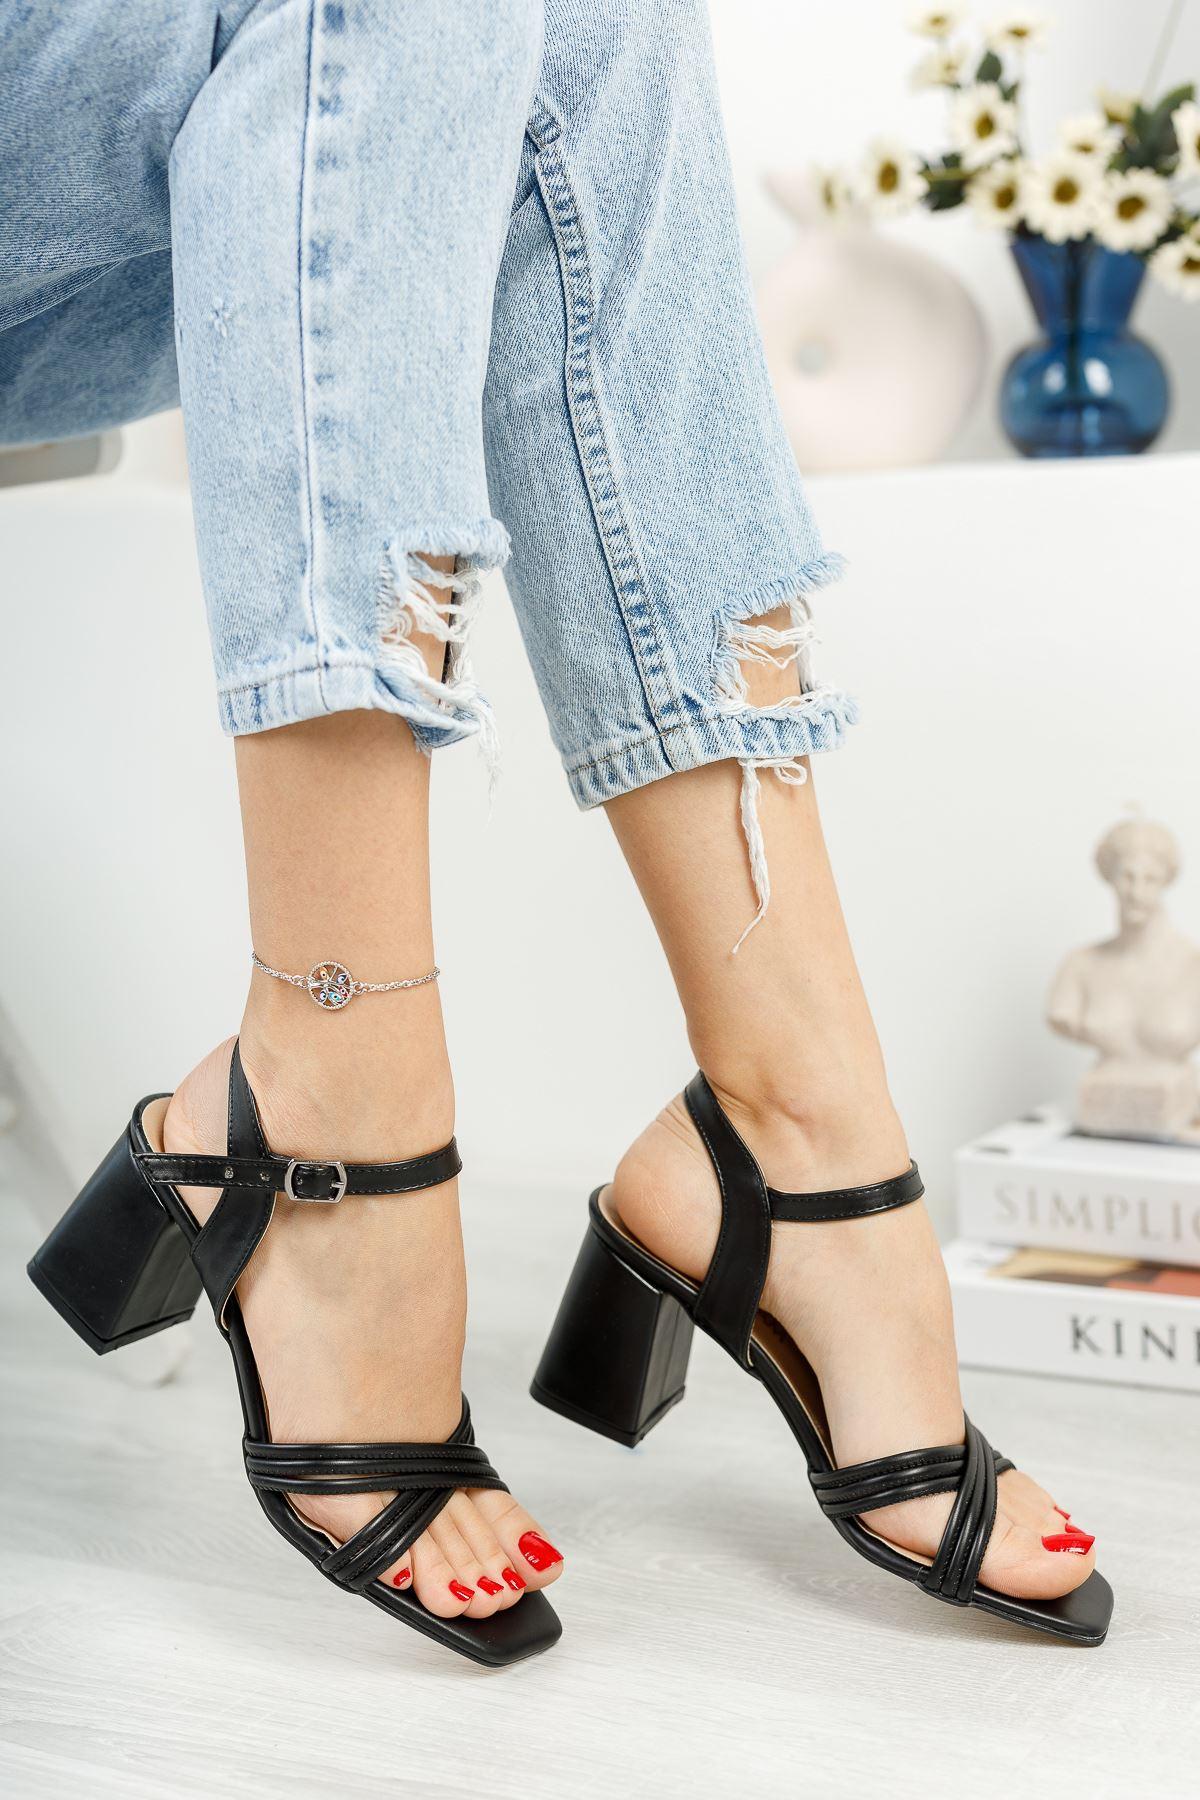 Kadın Yuli Kısa Topuklu Çapraz Biyeli Mat Deri Siyah Topuklu Ayakkabı